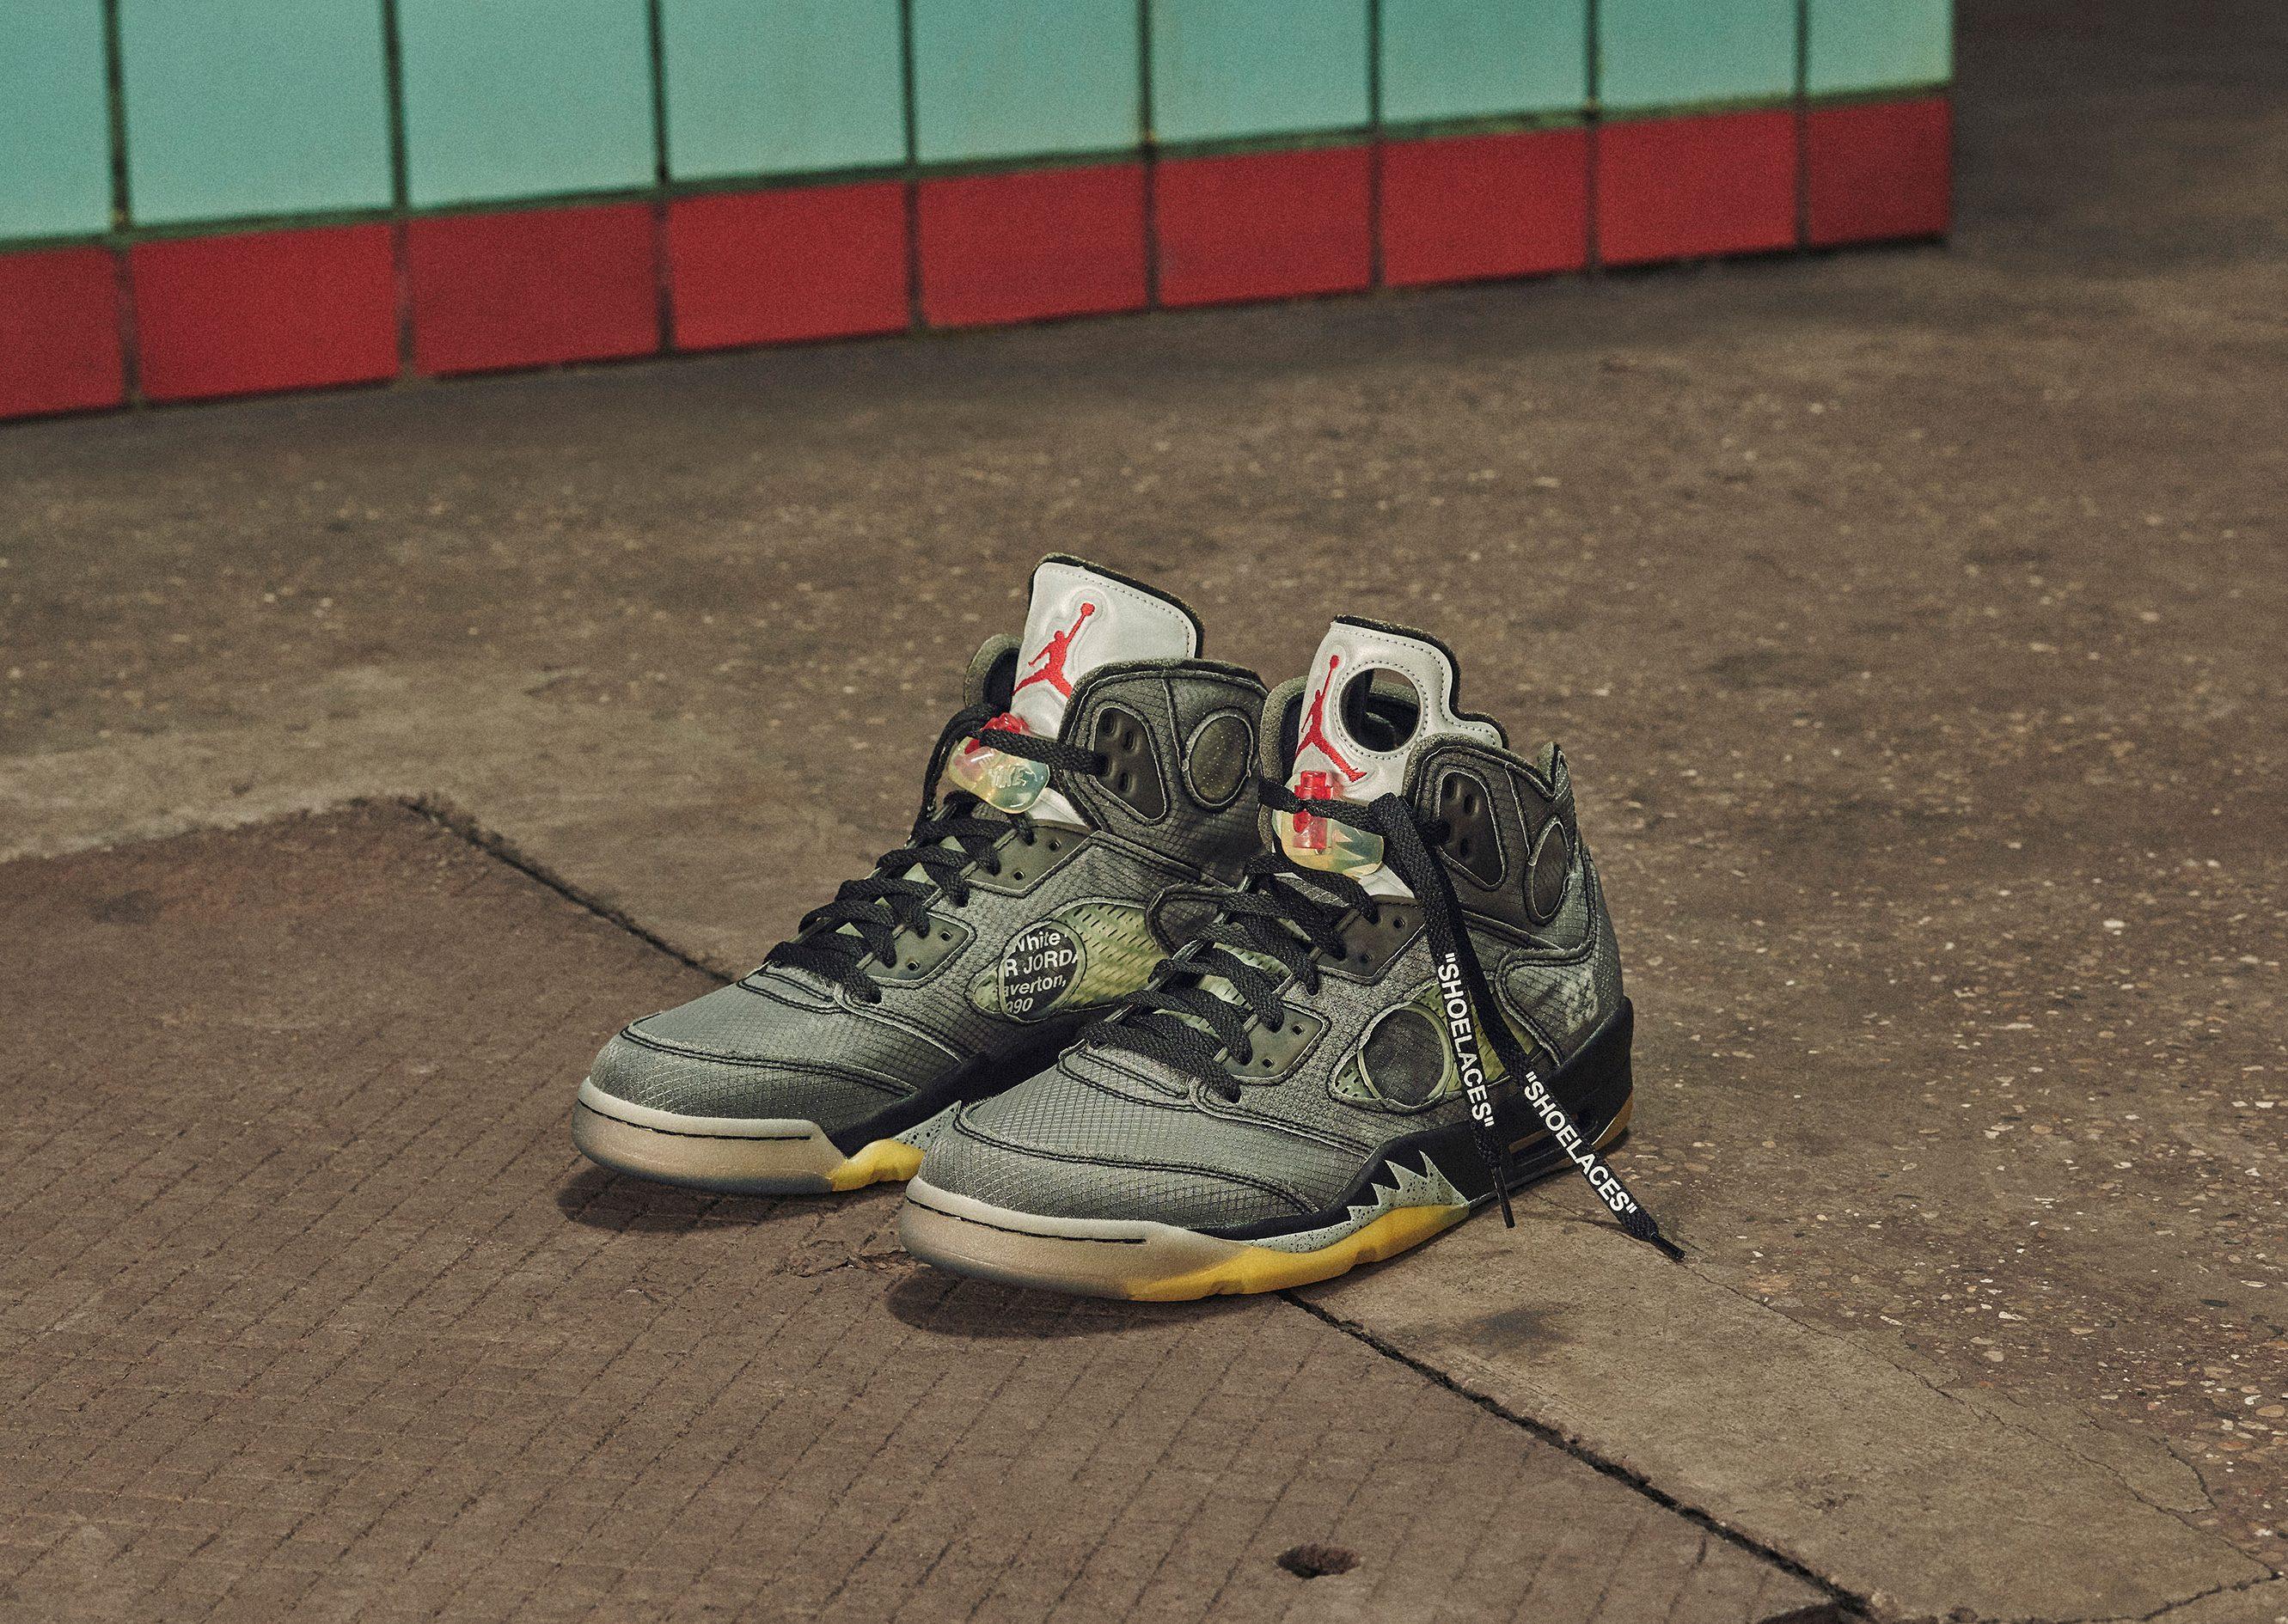 La colección incluye ropa y zapatillas. / Foto: Nike